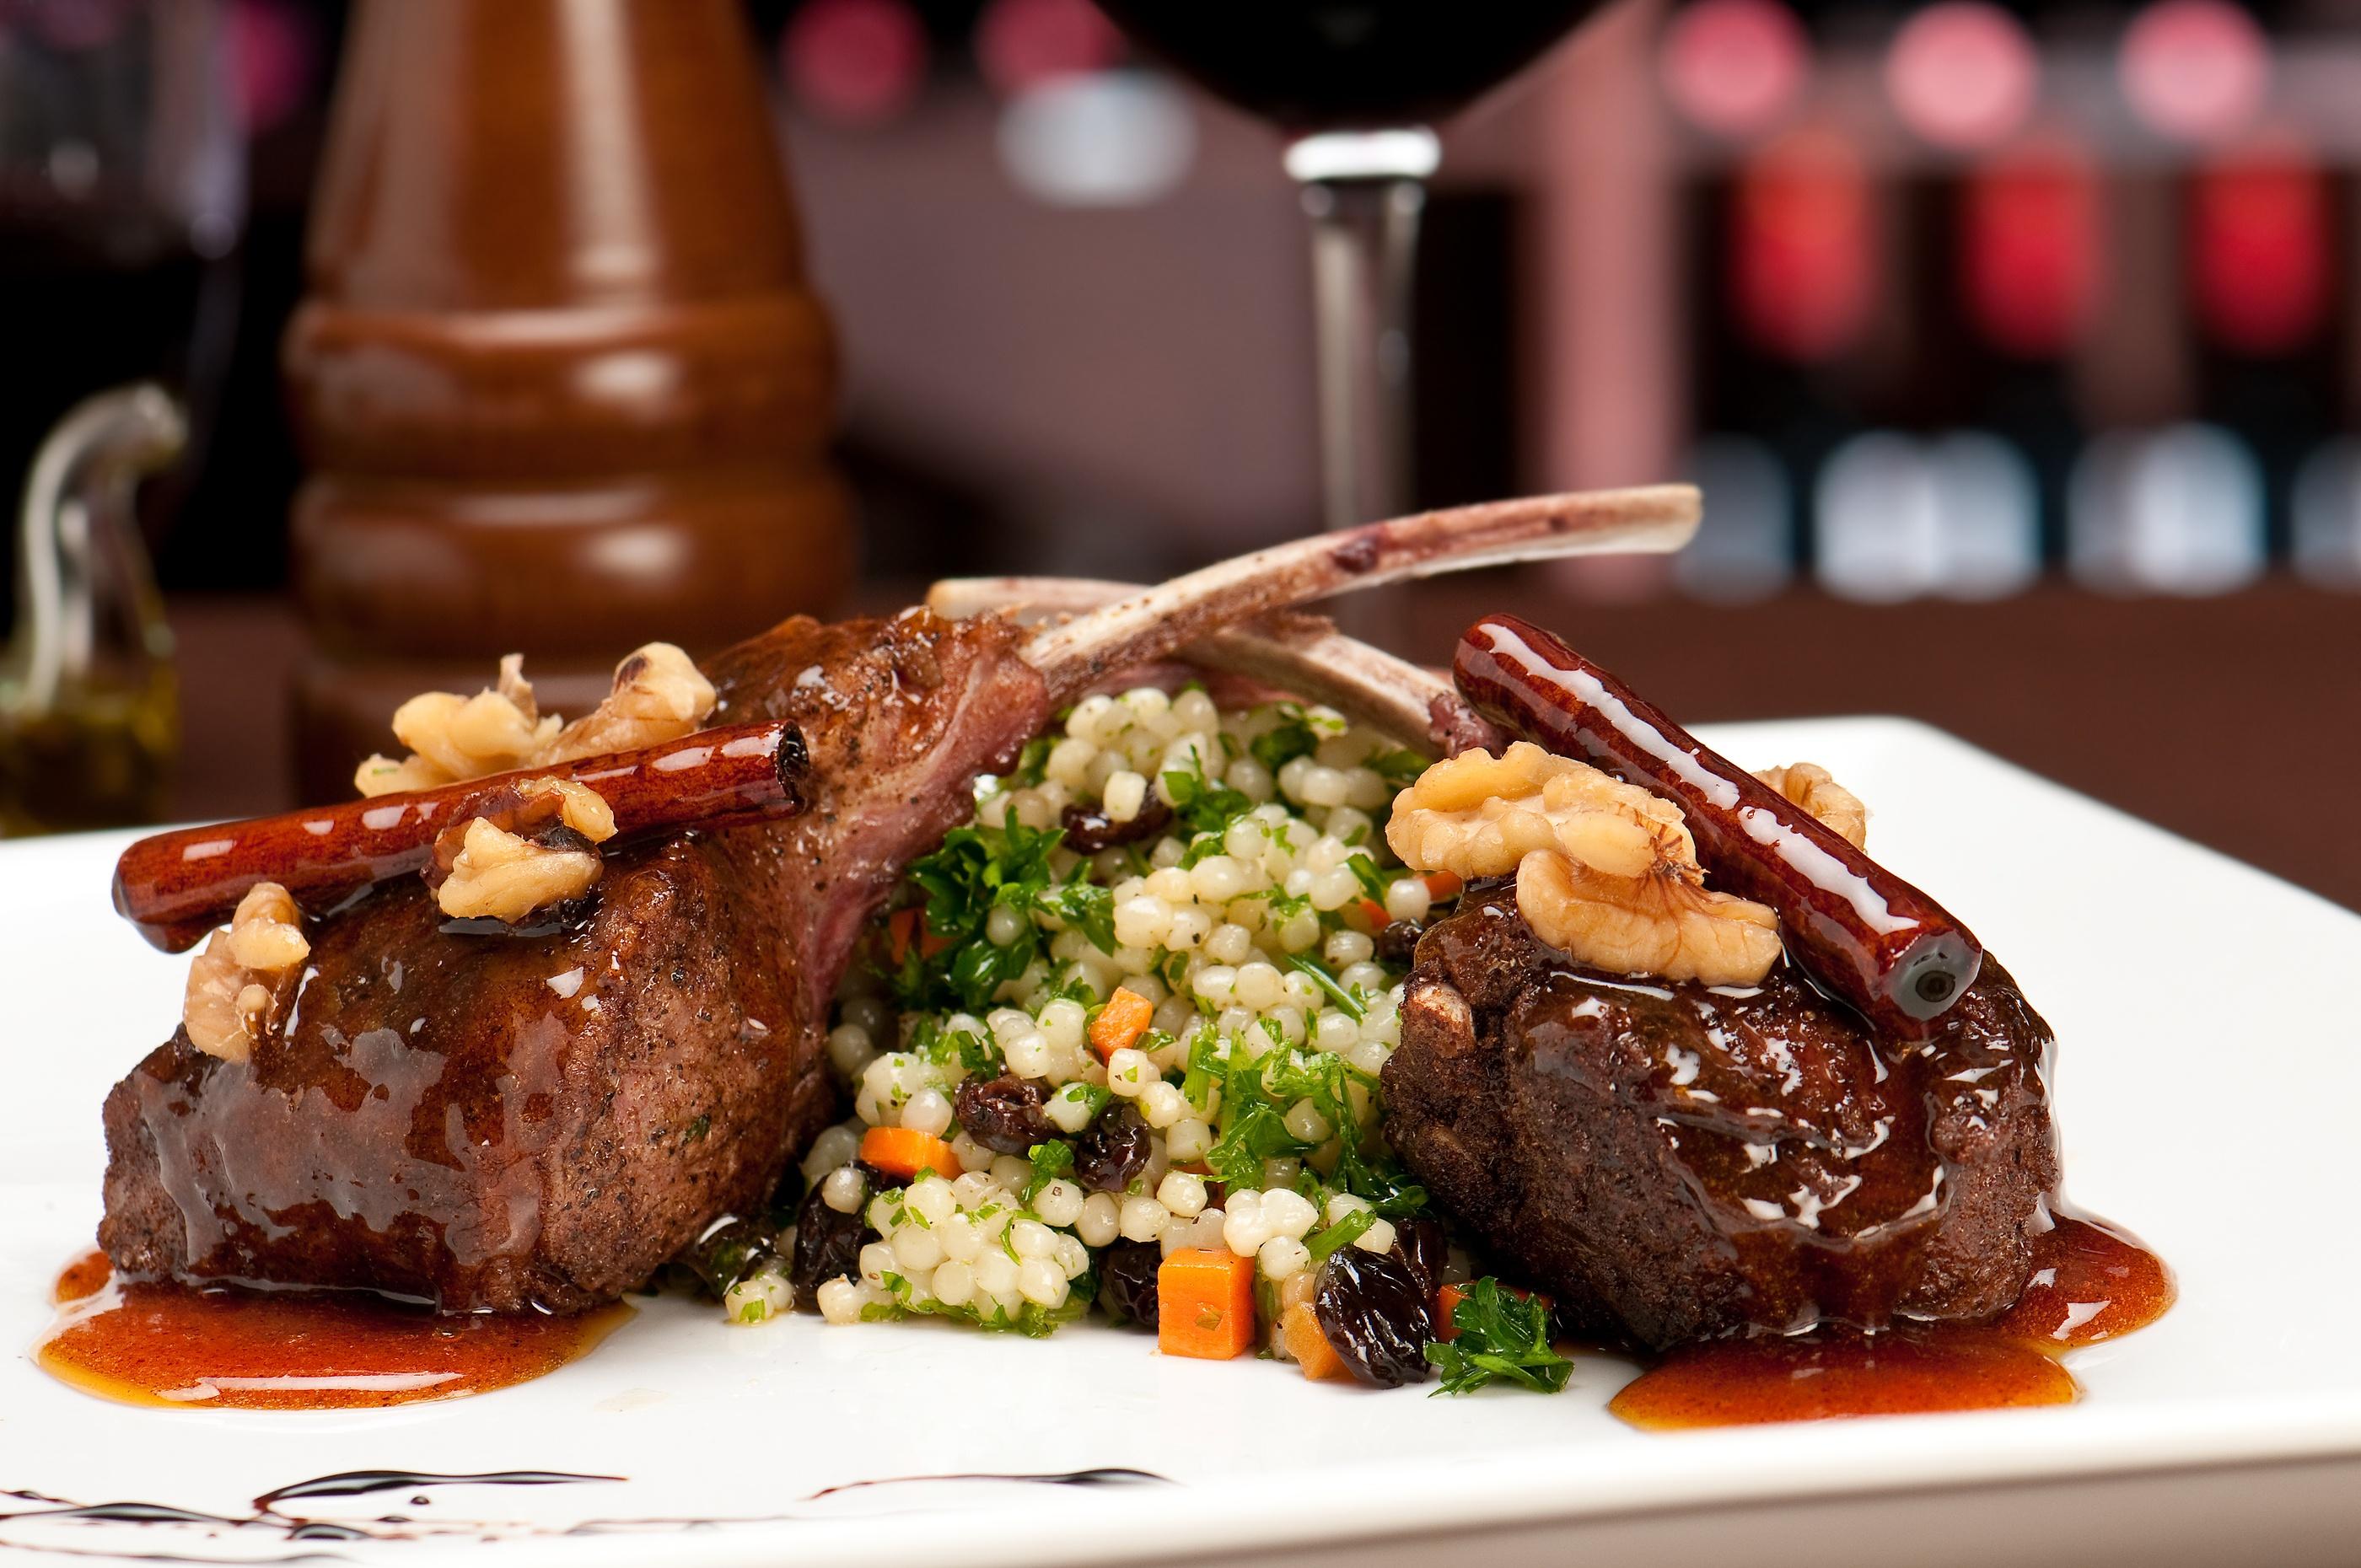 bigstock-Gourmet-Lamb-Chops-6009039.jpg